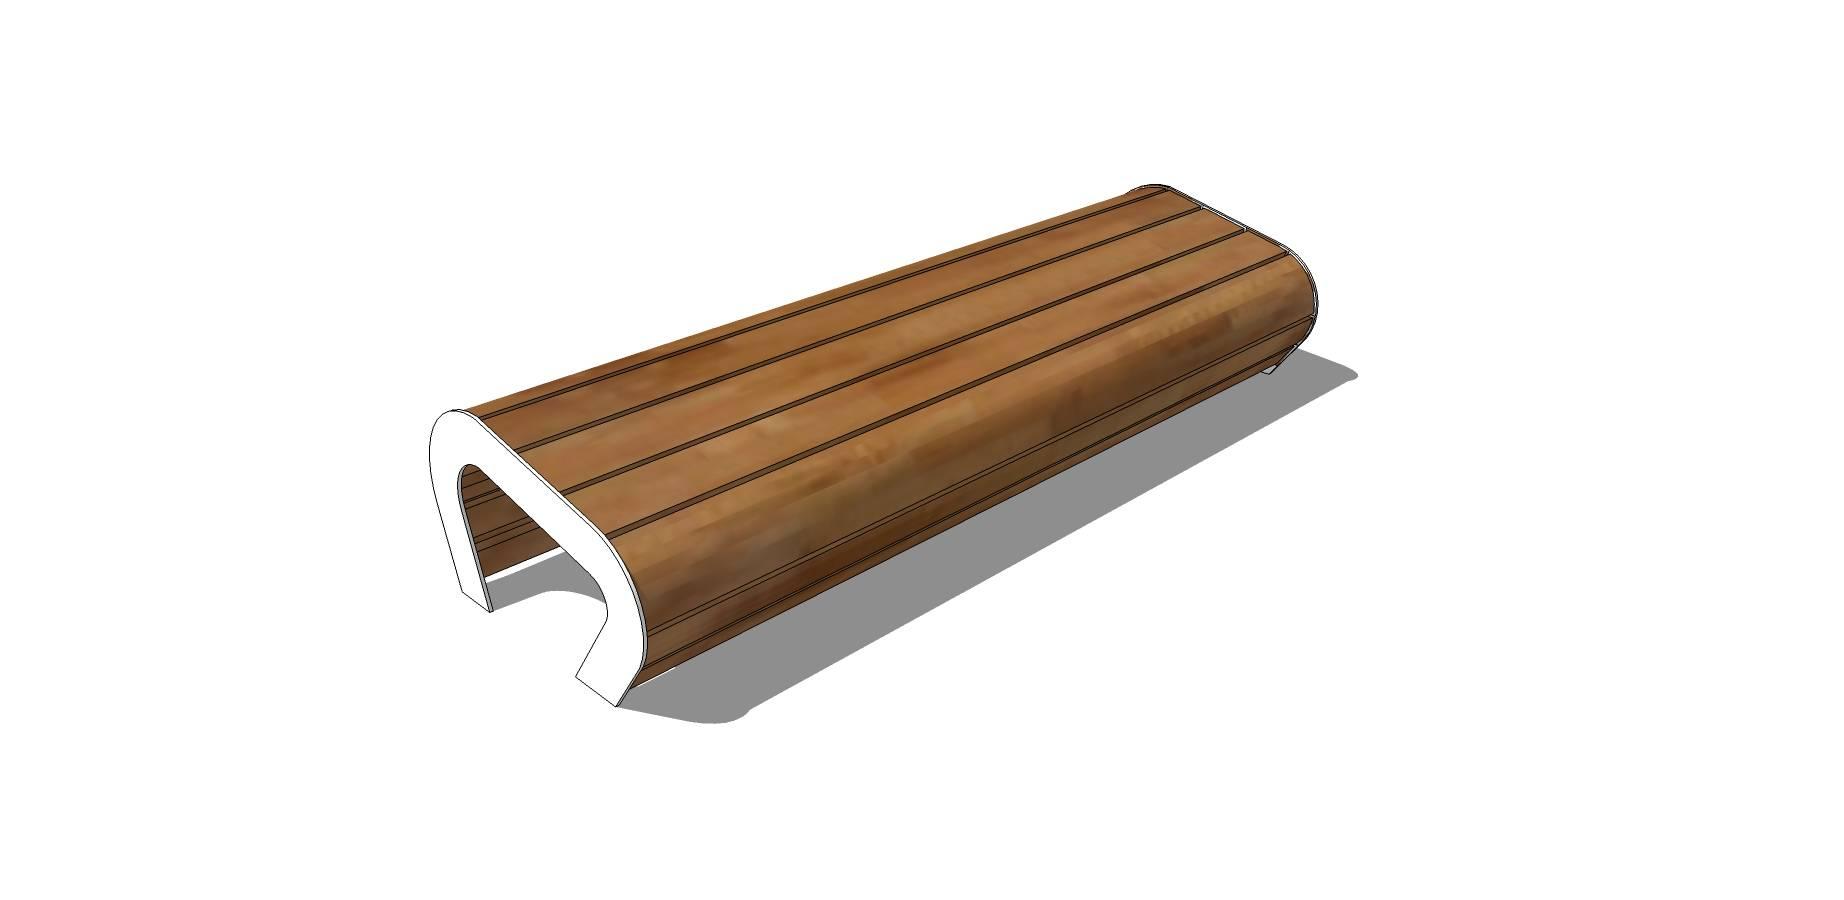 户外简易木质坐凳模型素材